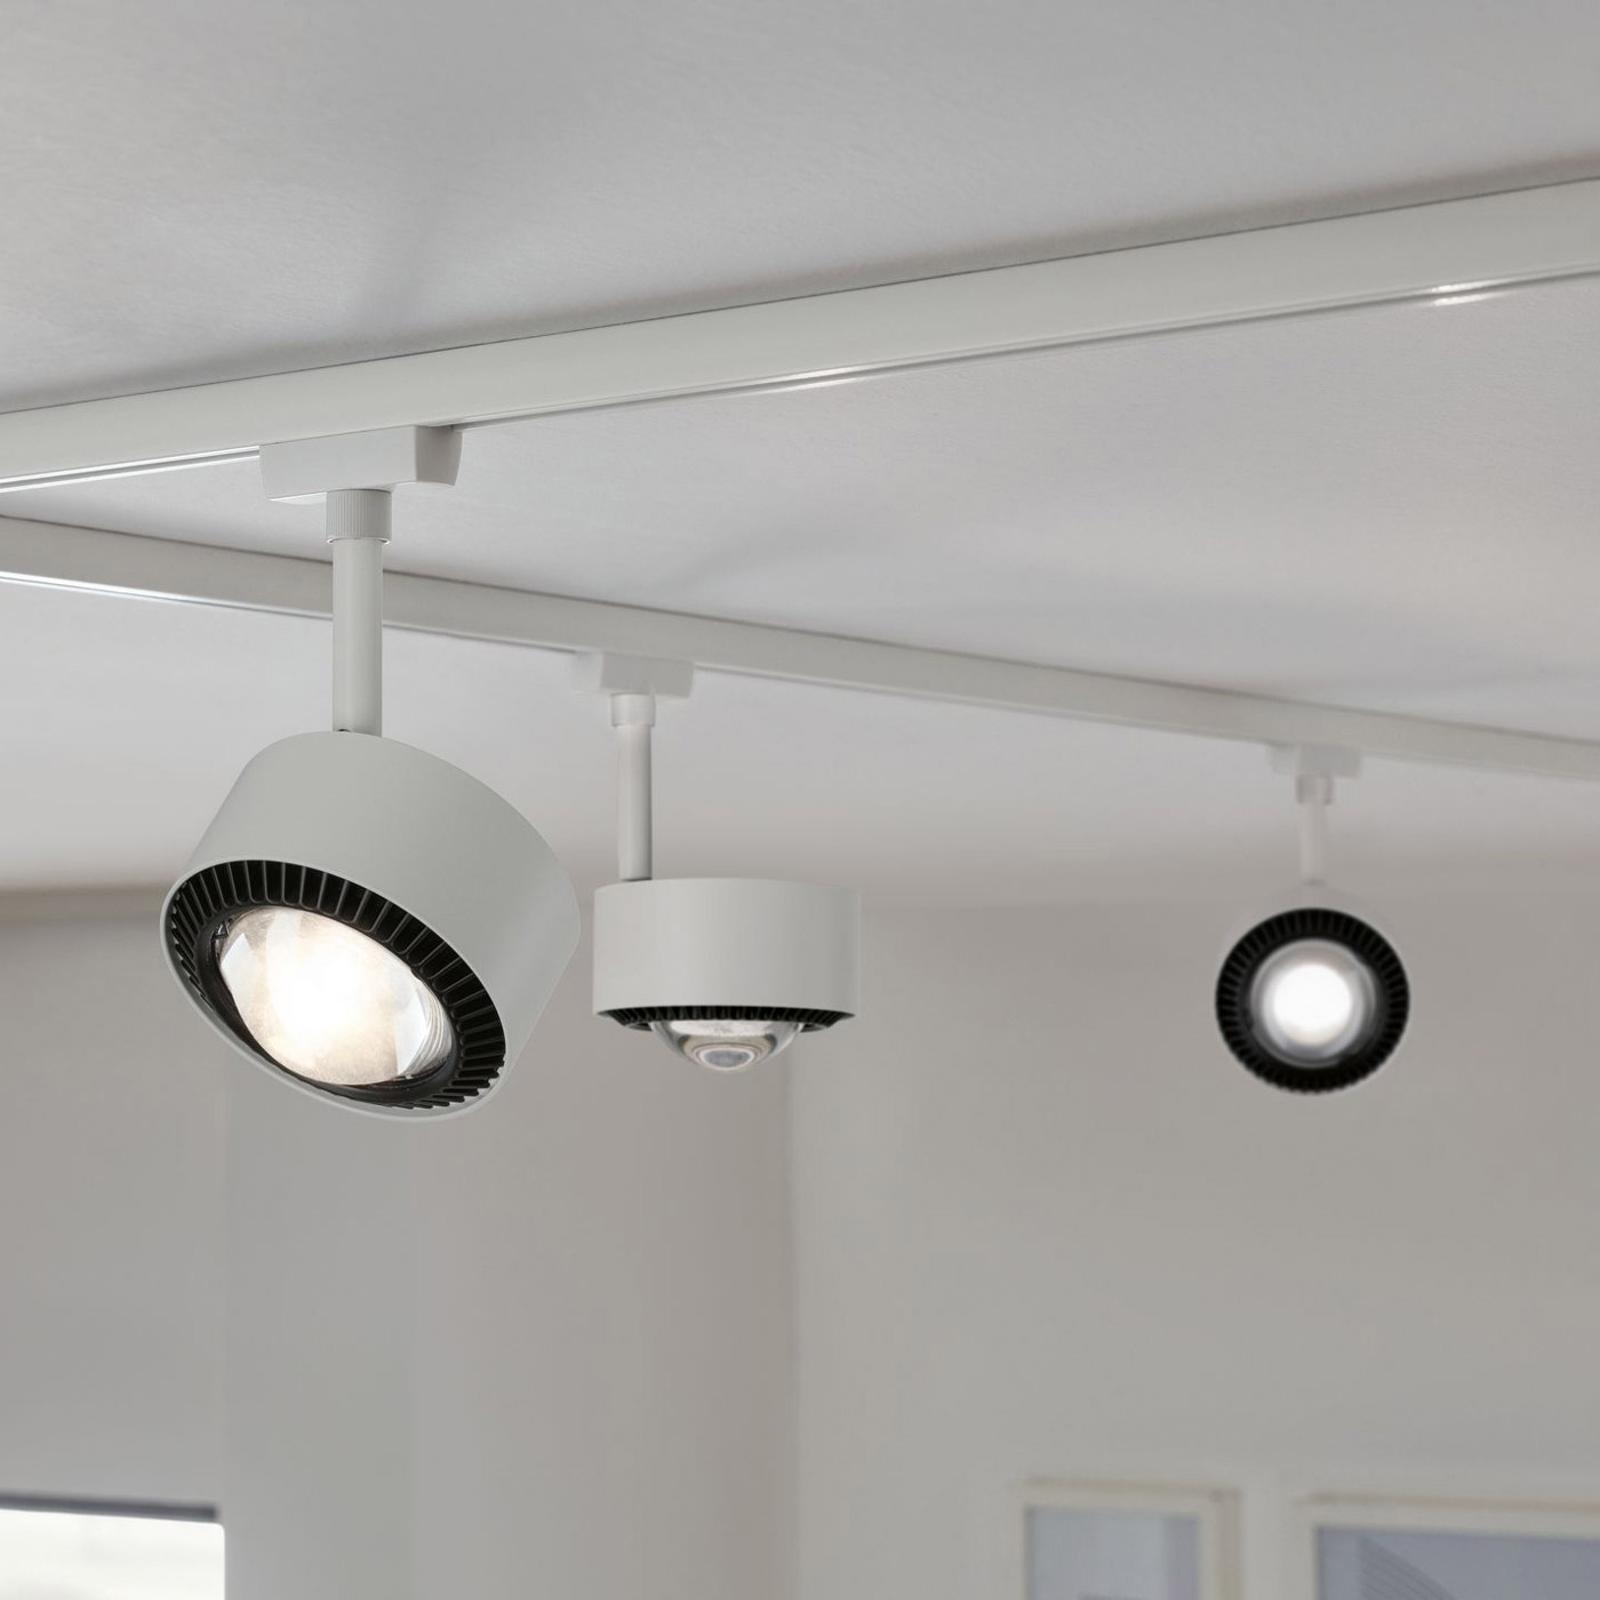 Paulmann Aldan URail LED-spot hvit/svart